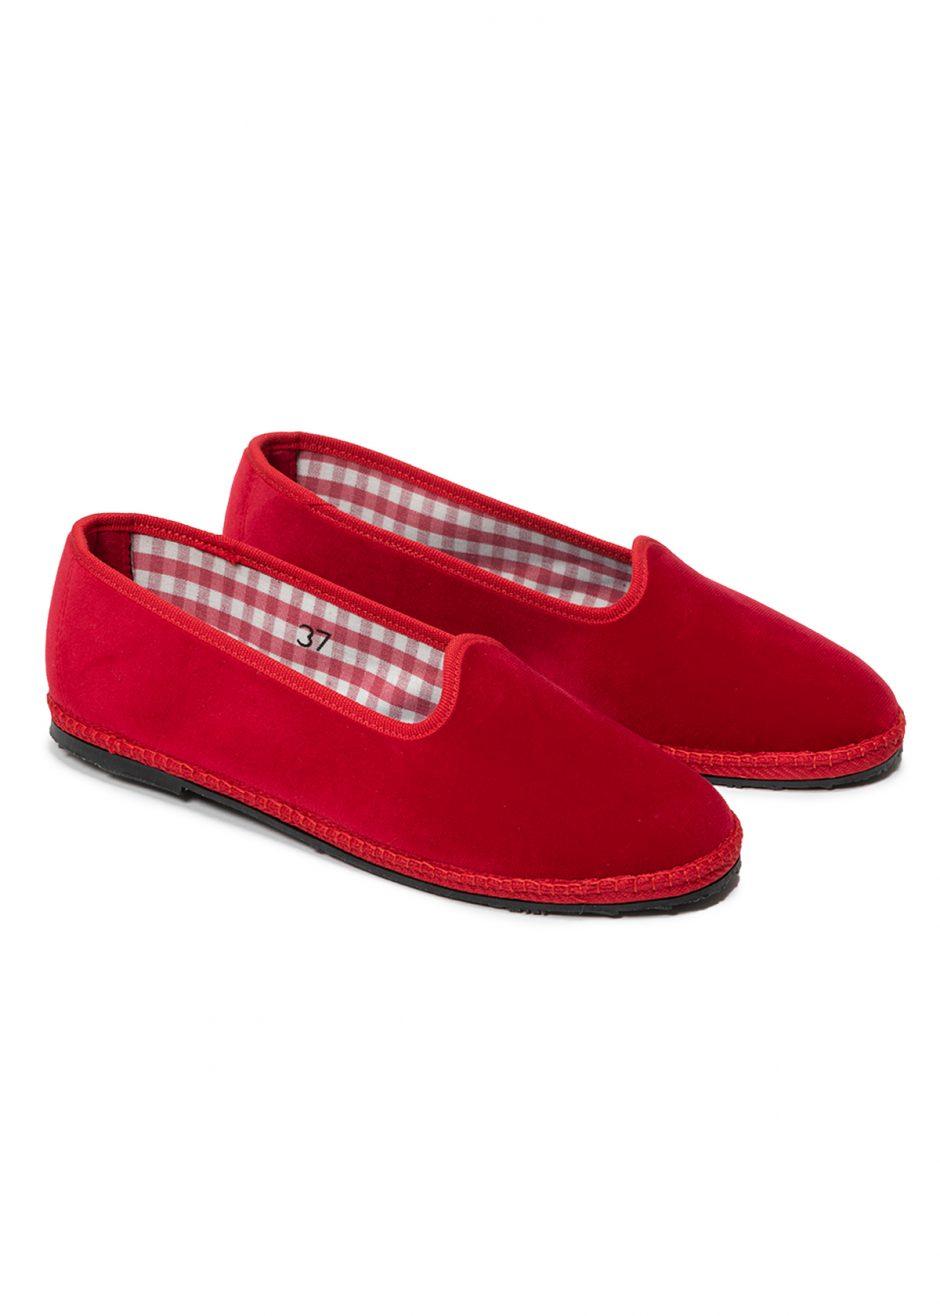 Rialto – Furlana in velluto rosso rubino